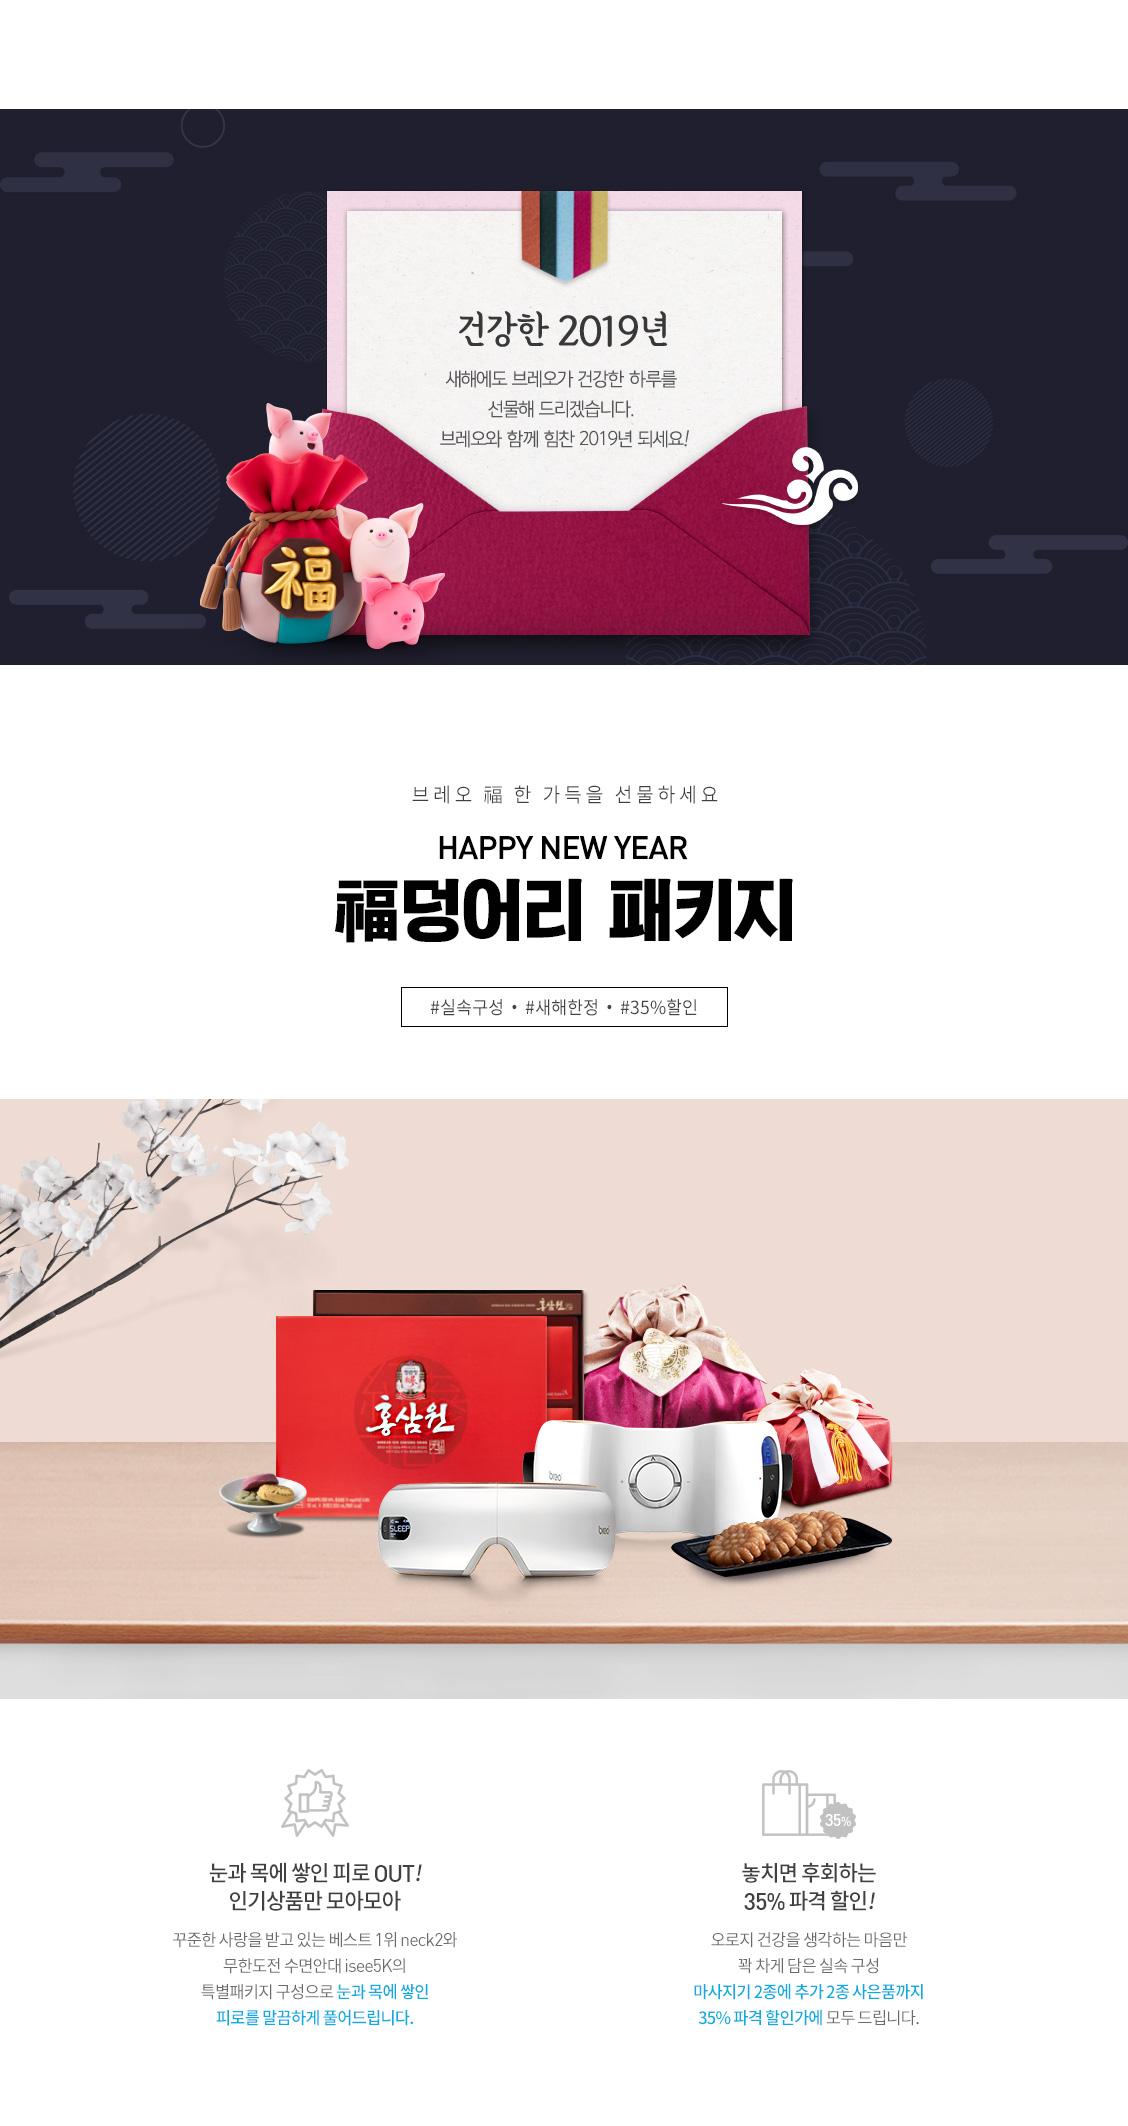 2019 브레오 복덩어리 세트